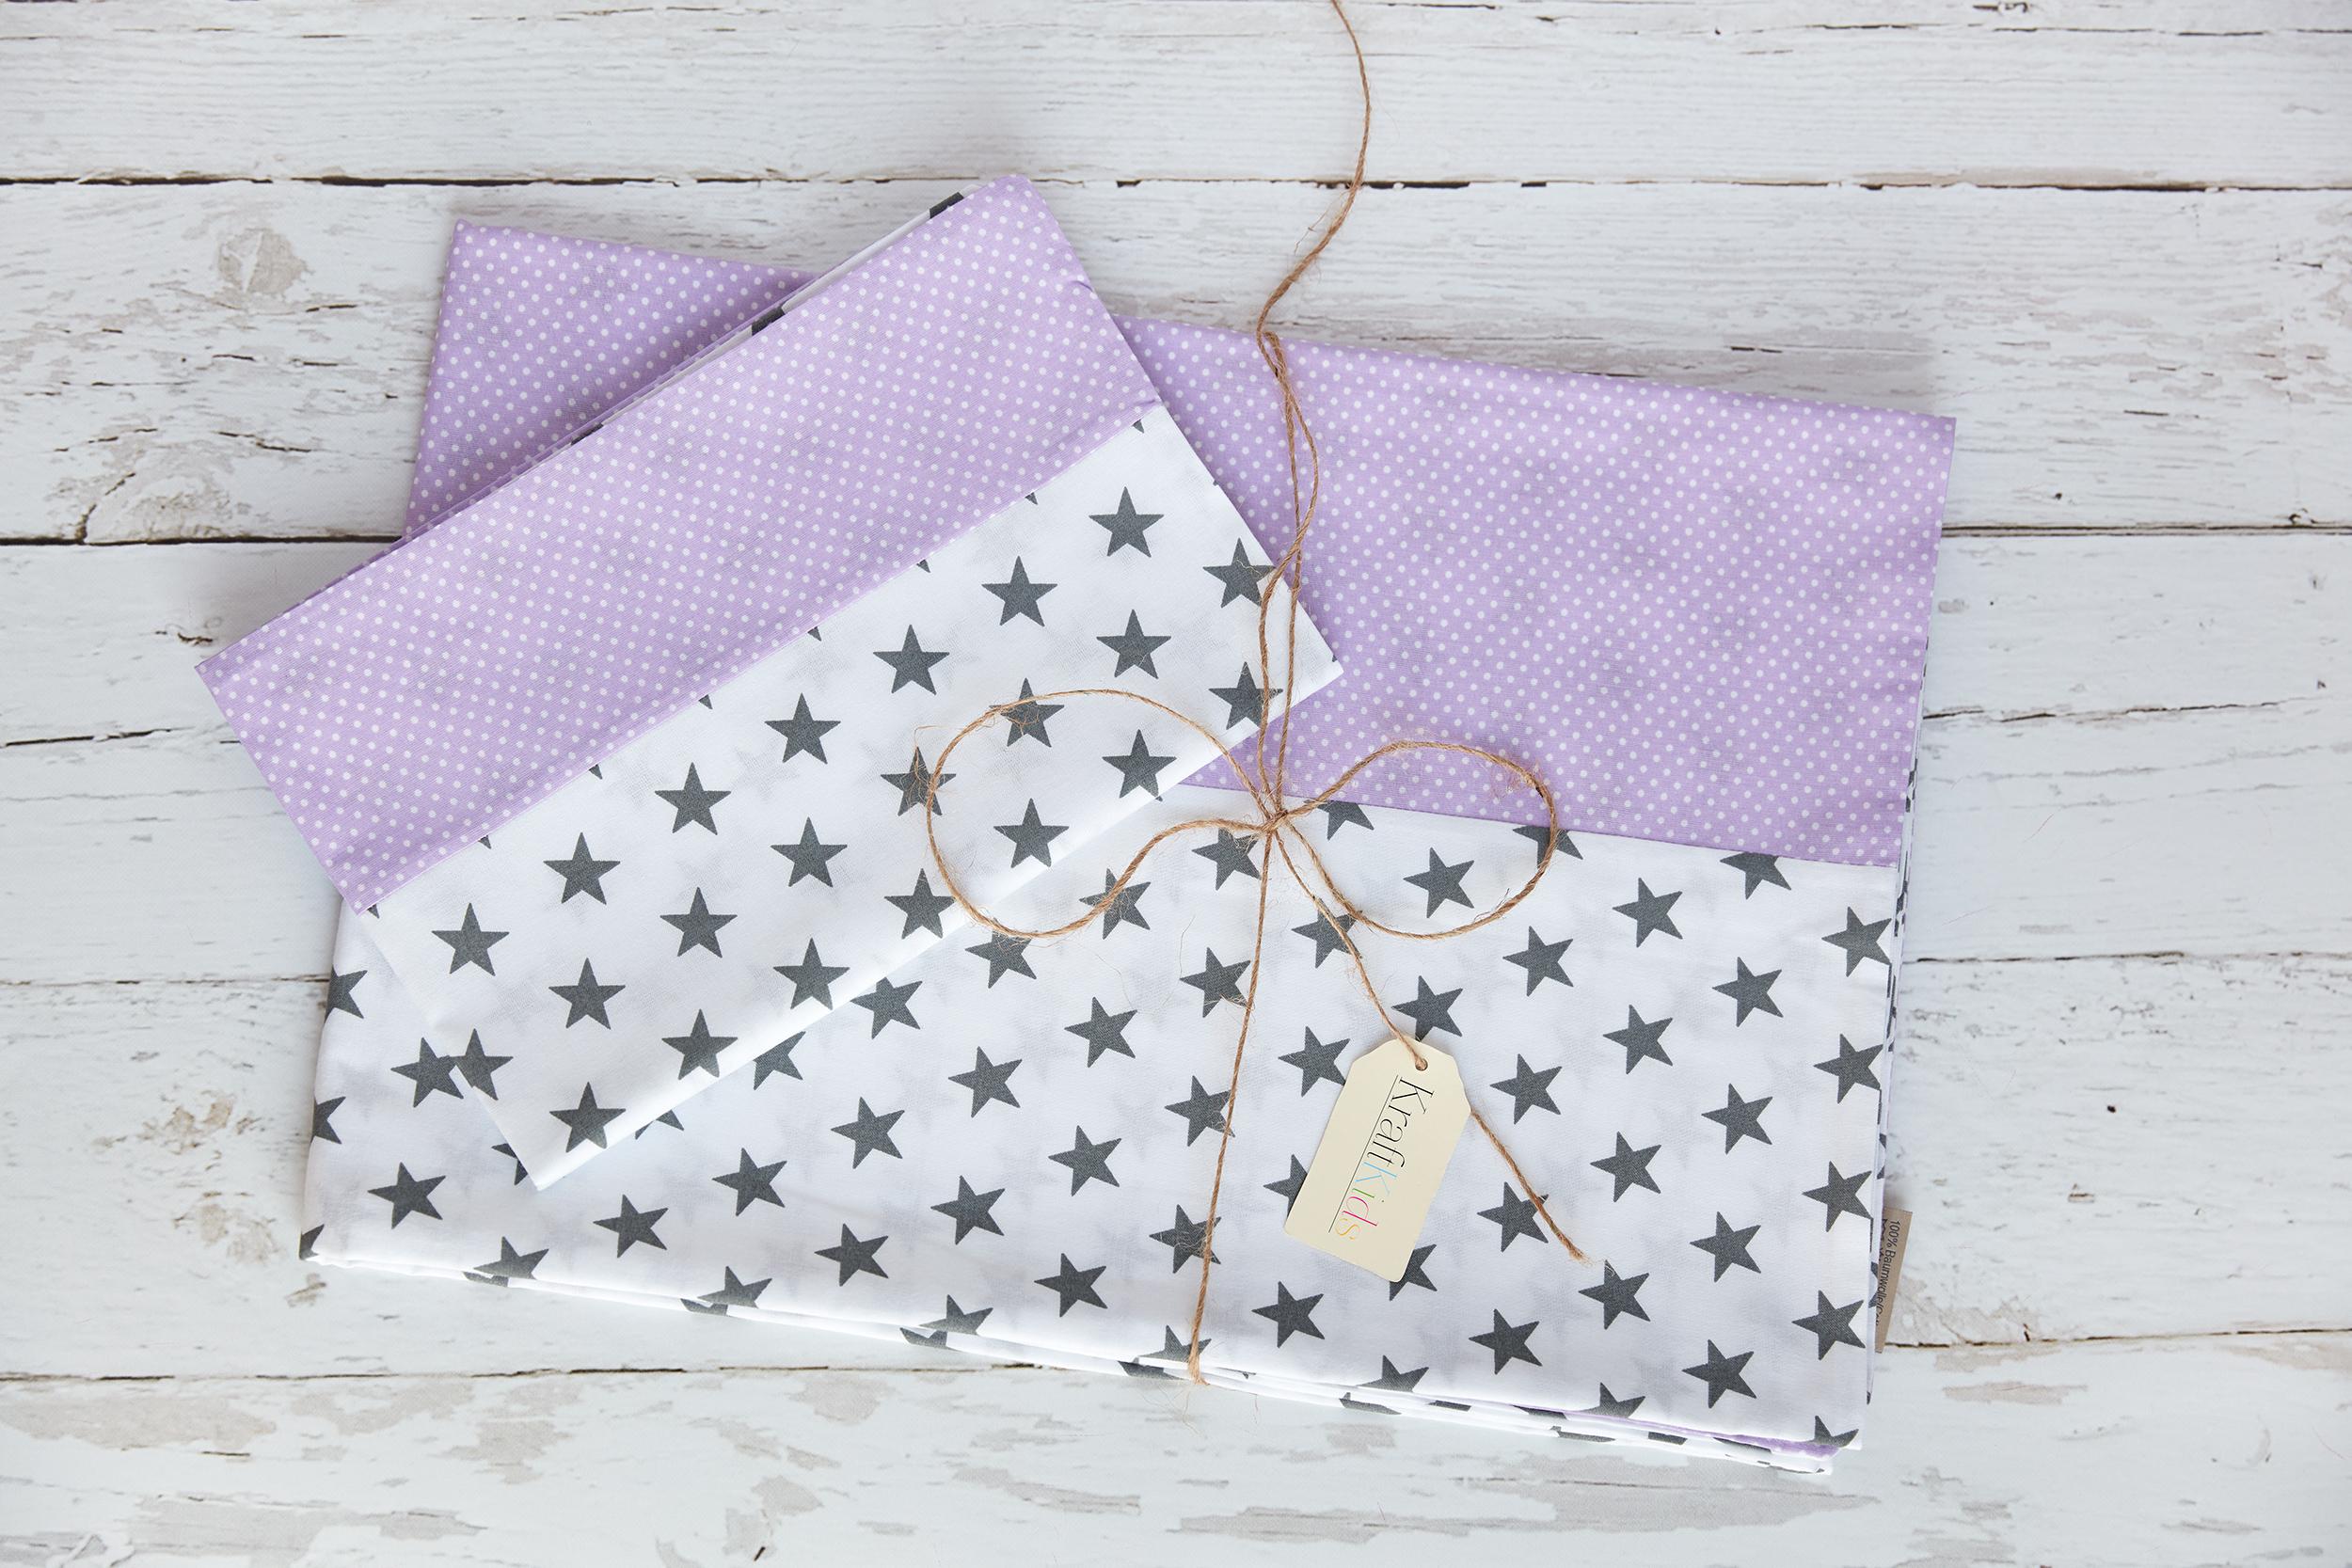 KraftKids Bettwäscheset kleine graue Sterne auf Weiss und weiße Punkte auf Lila 100 x 135 cm, Kissen 40 x 60 cm